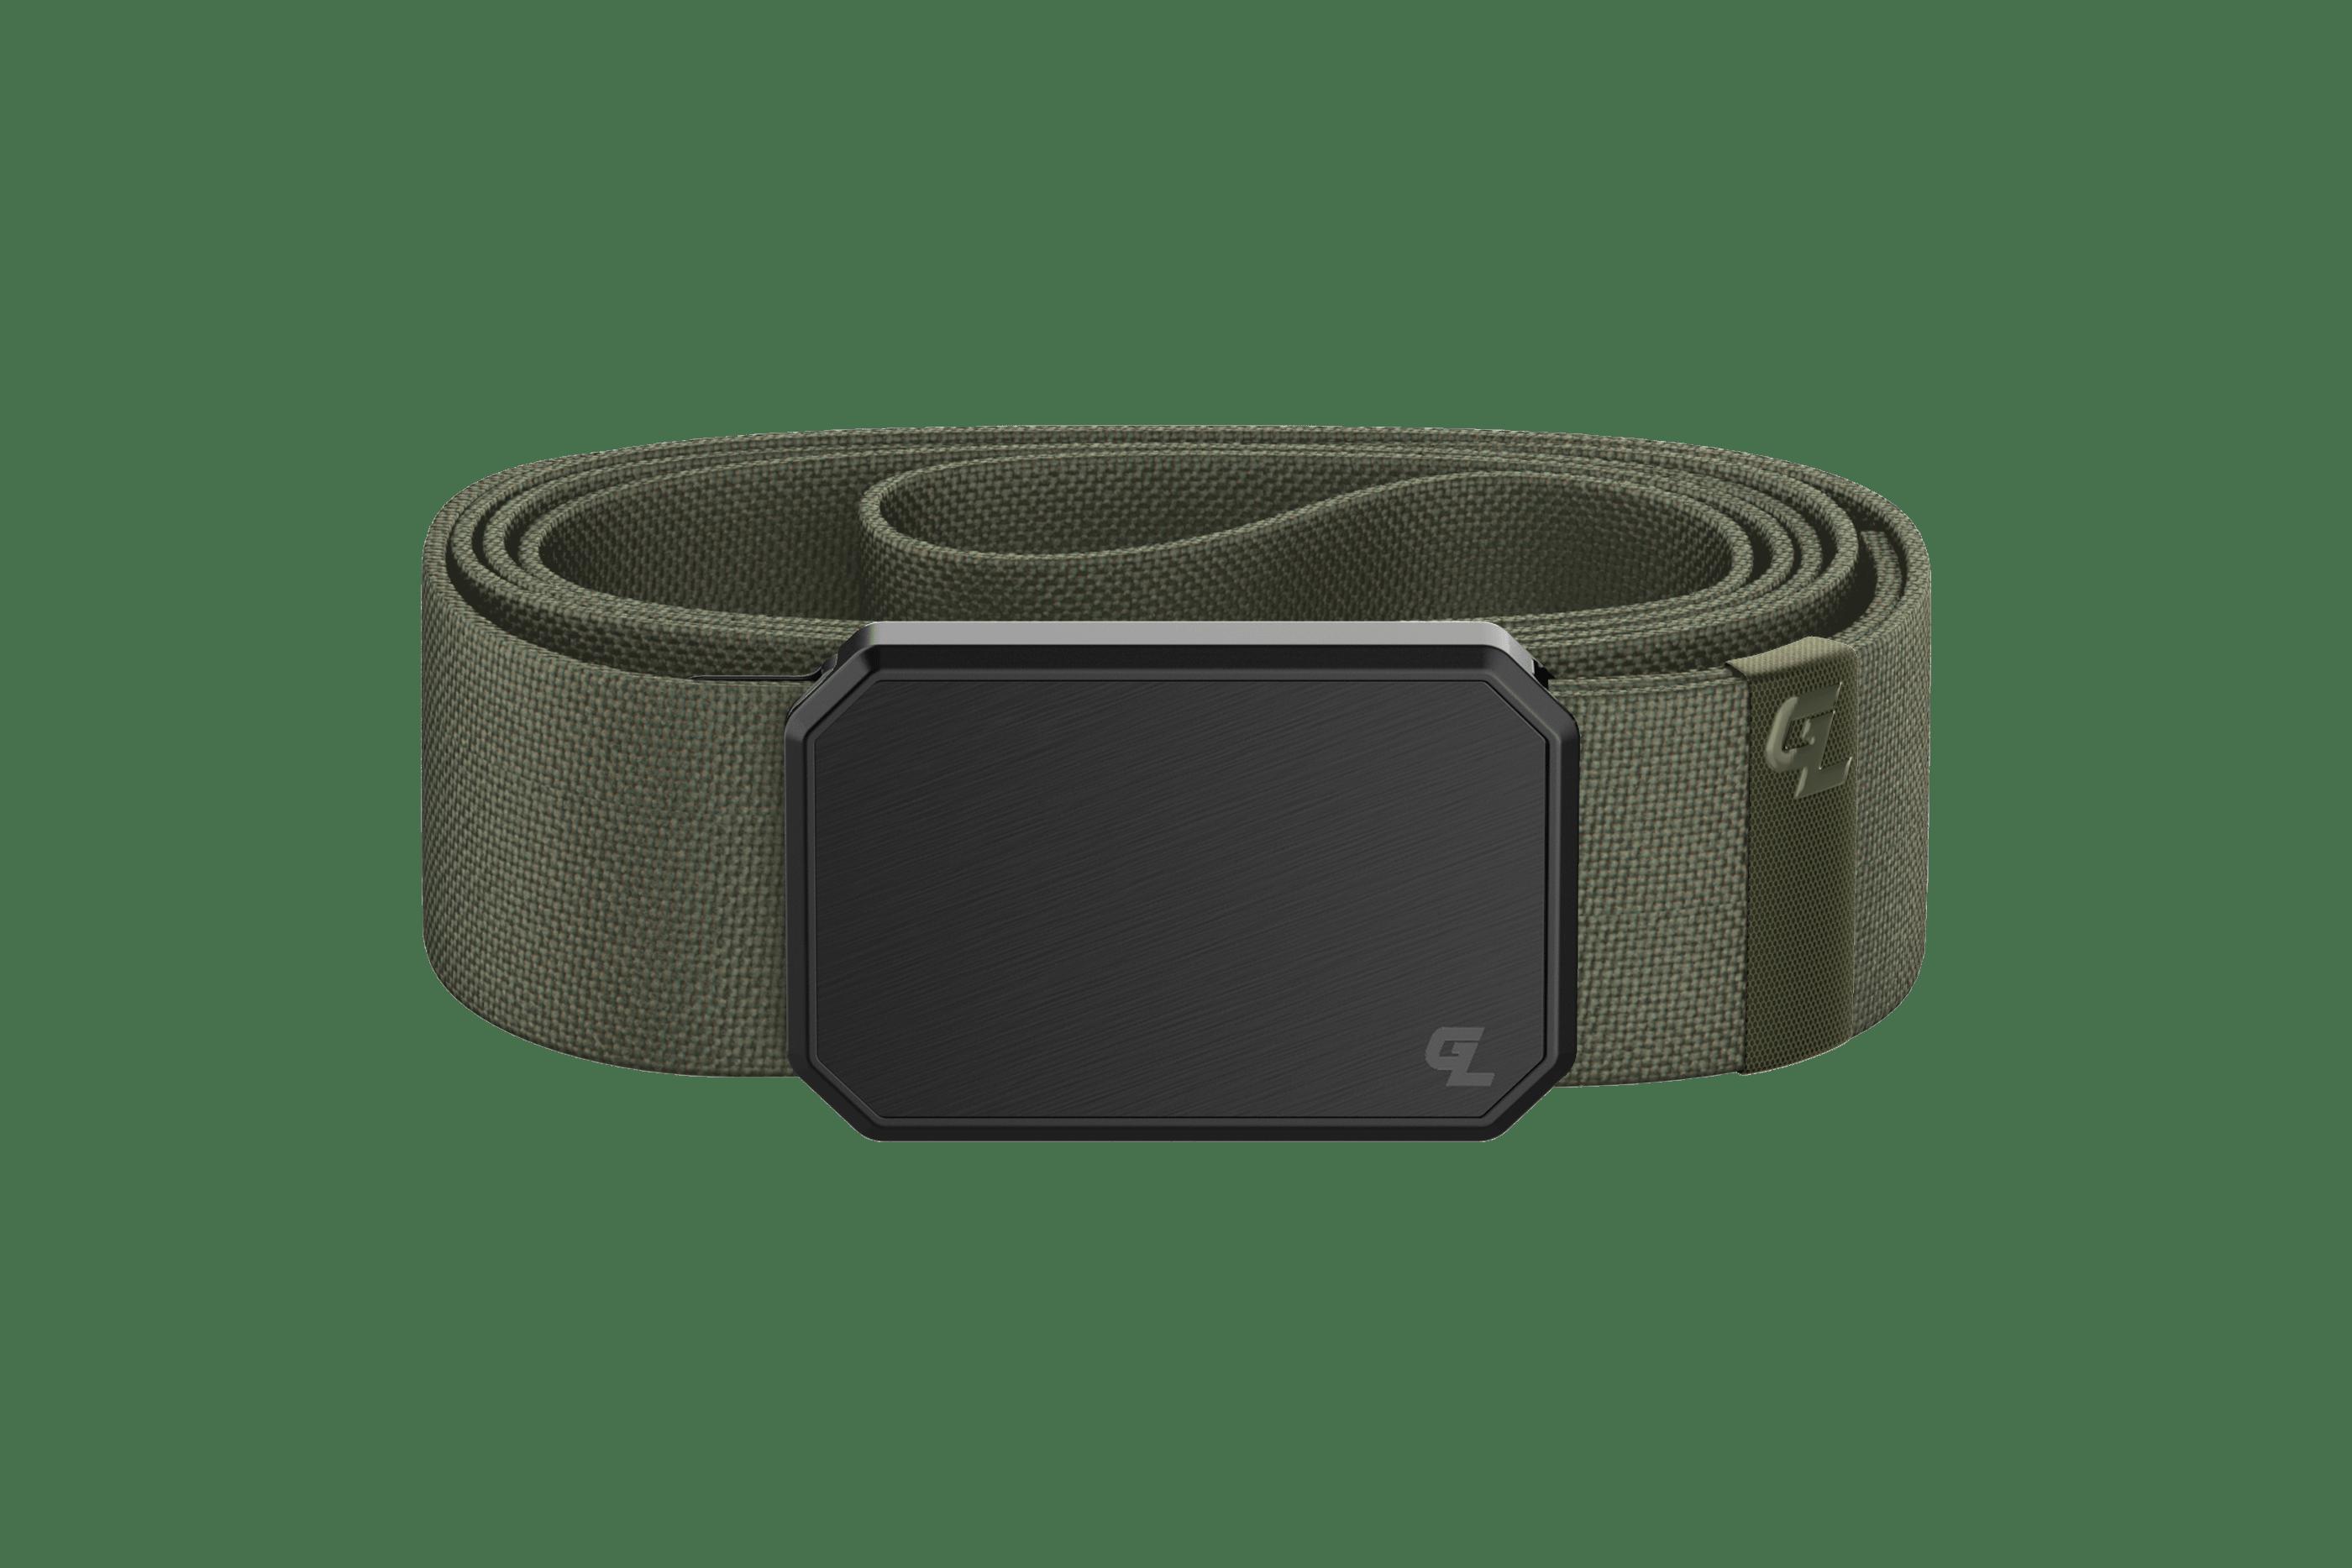 Groove Belt Black/Olive  viewed front on